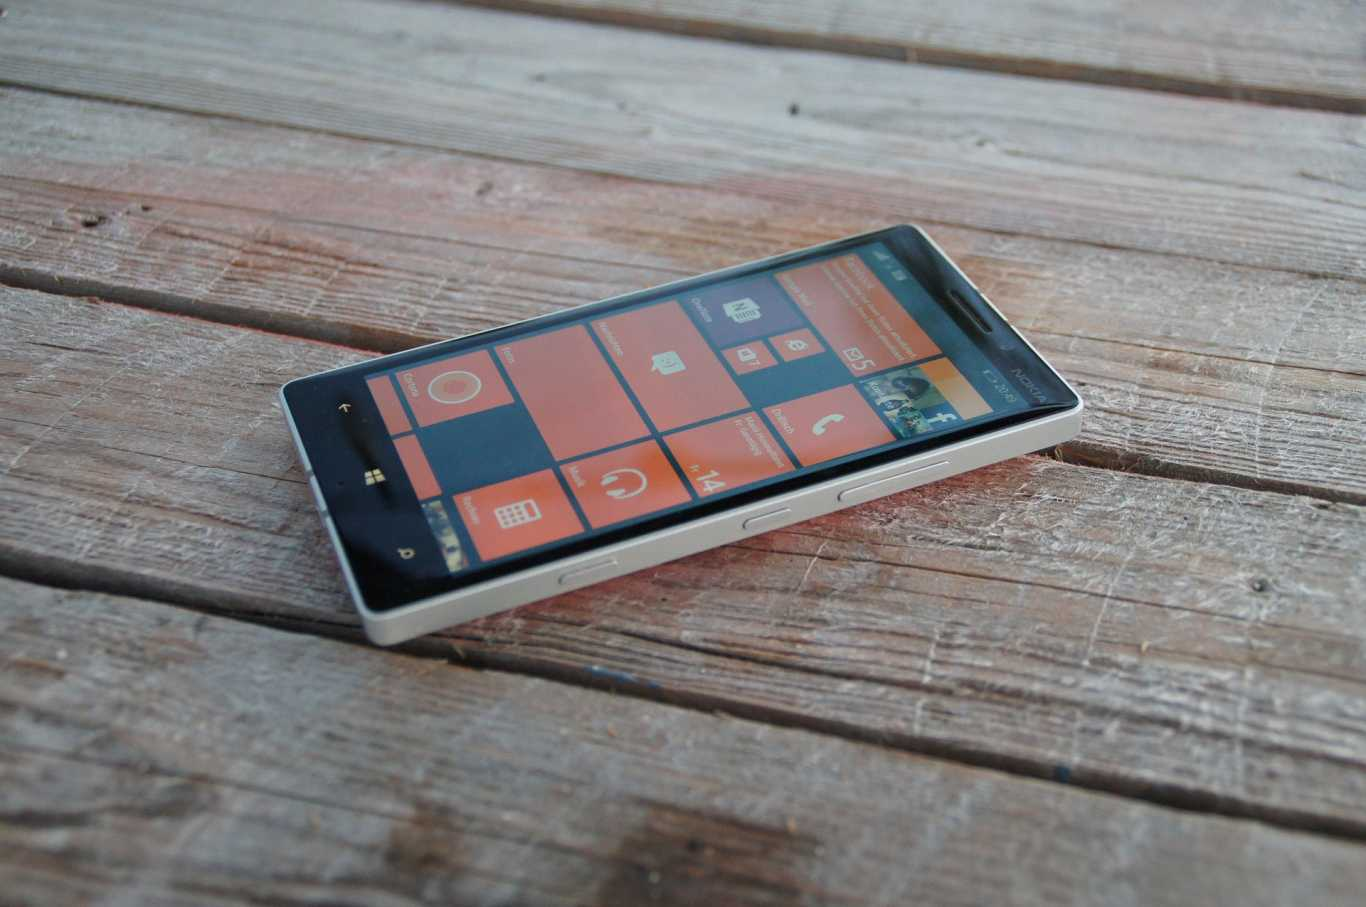 1xBet Windows phone app download